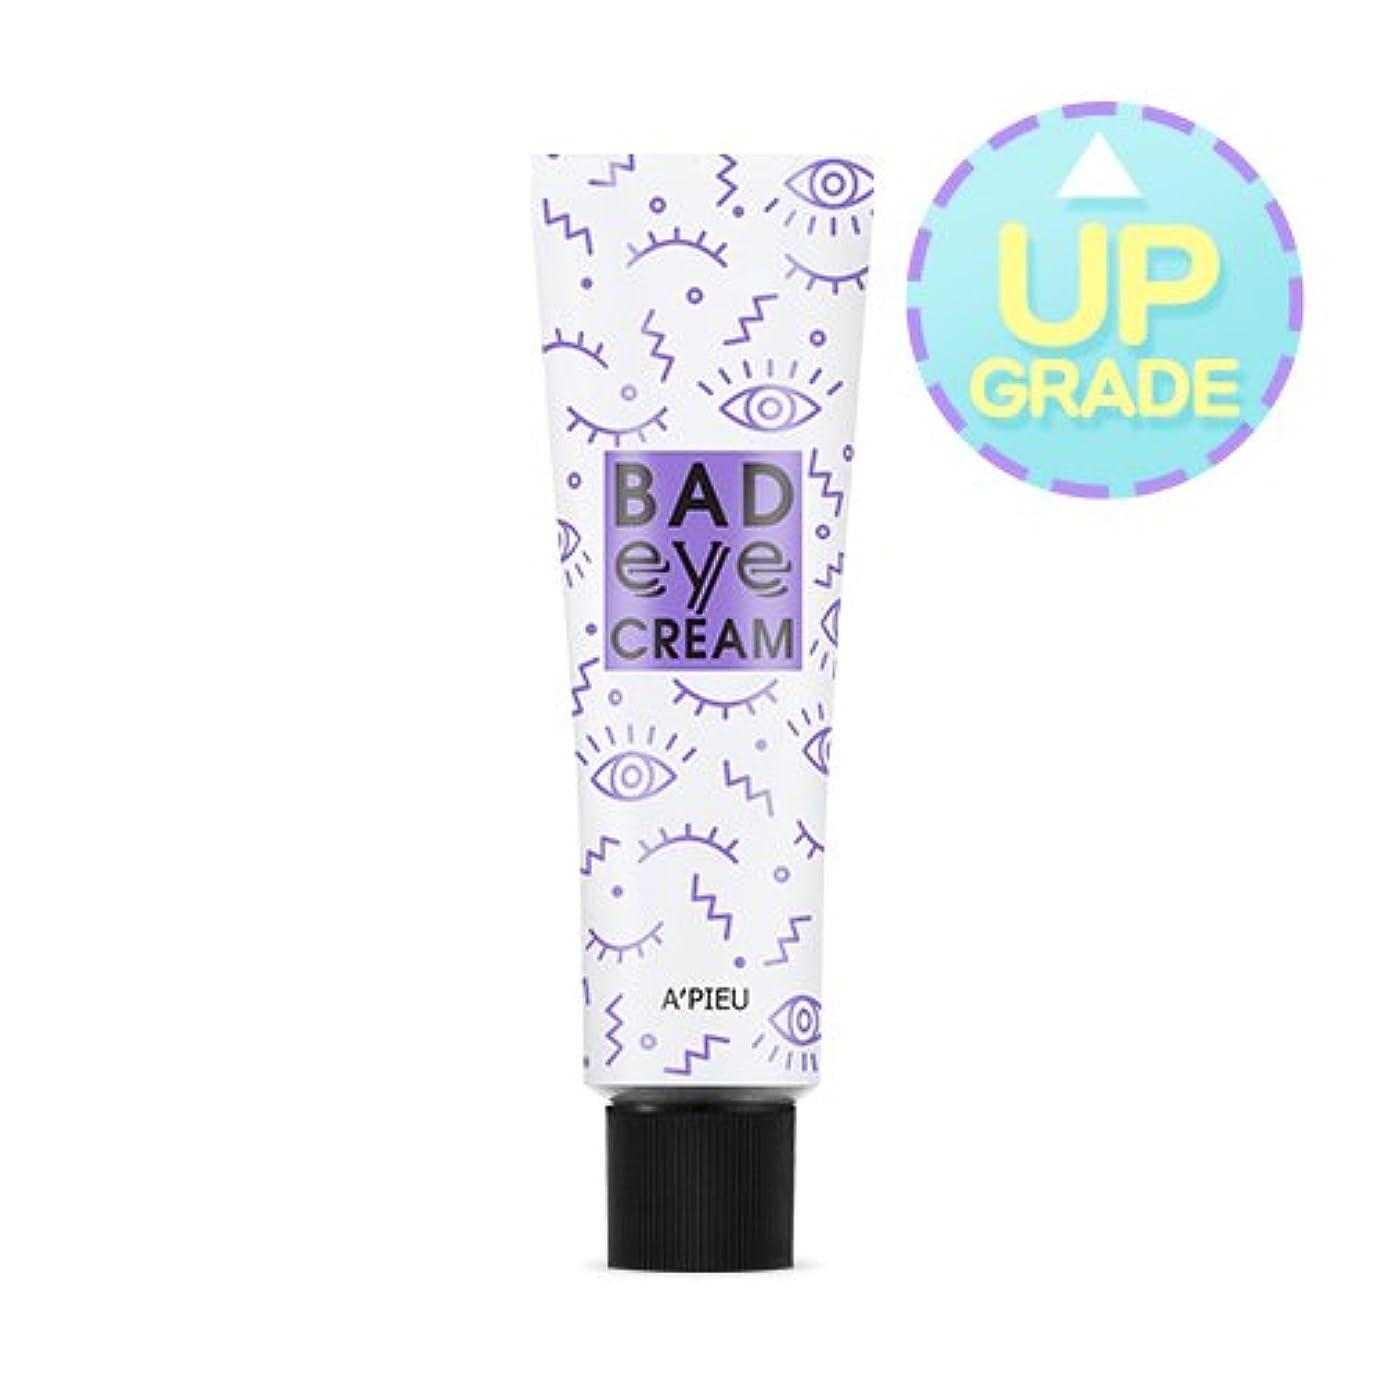 サワーテーマ雄弁なAPIEU Bad Eye Cream 50g / アピュナップン(バッド) アイクリーム 50g [並行輸入品]